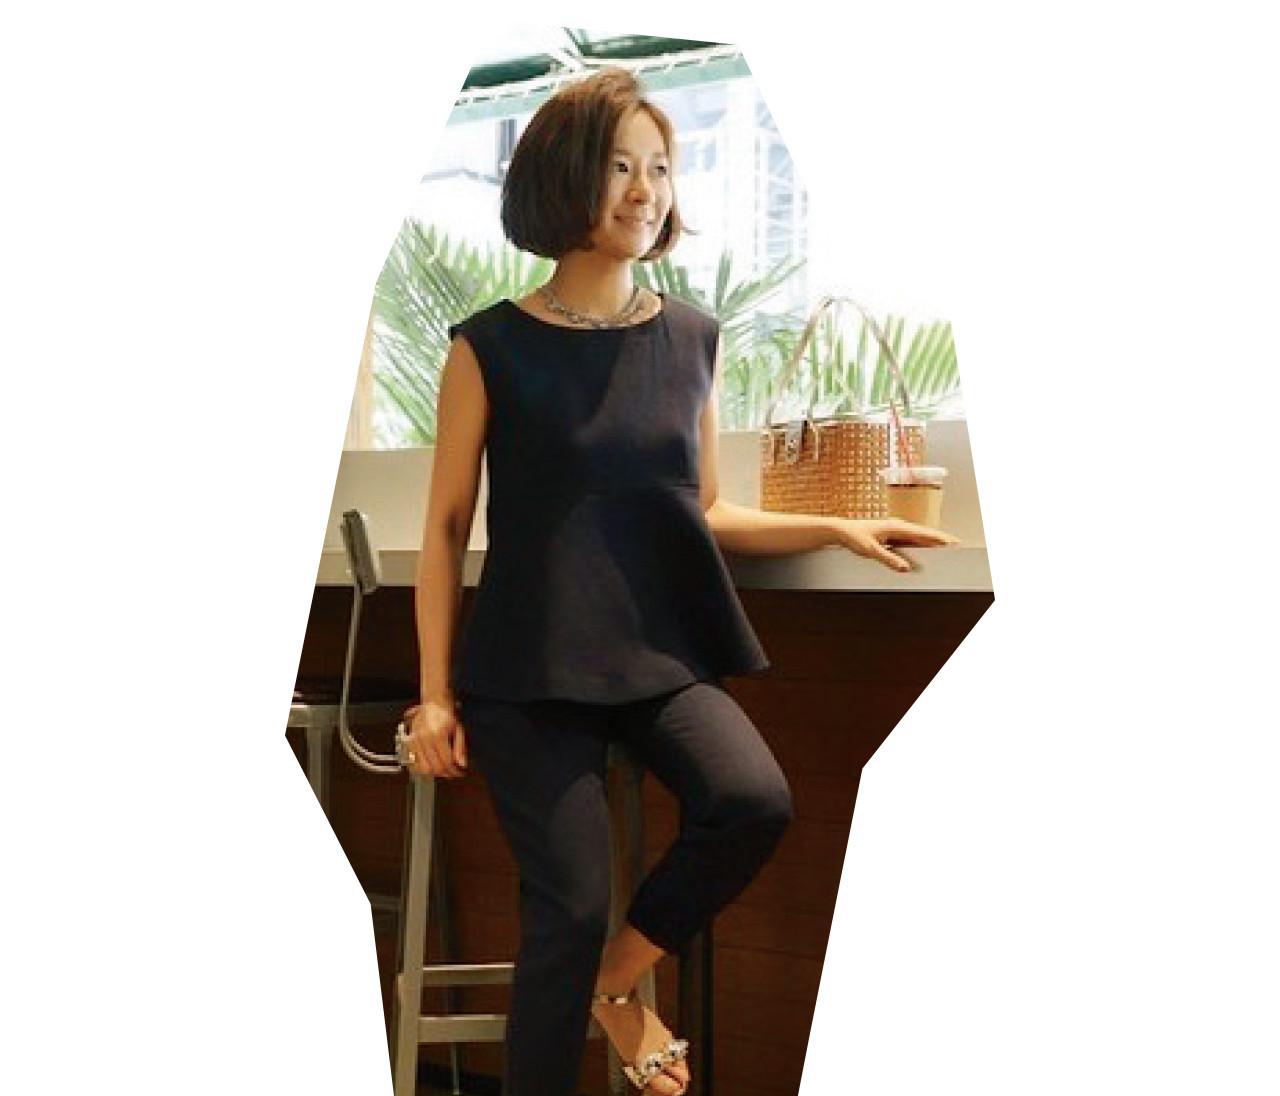 頑張りすぎている女性へ、スタイリスト佐藤佳菜子さんが愛あるメッセージ【おしゃれ賢者のアドバイス5】